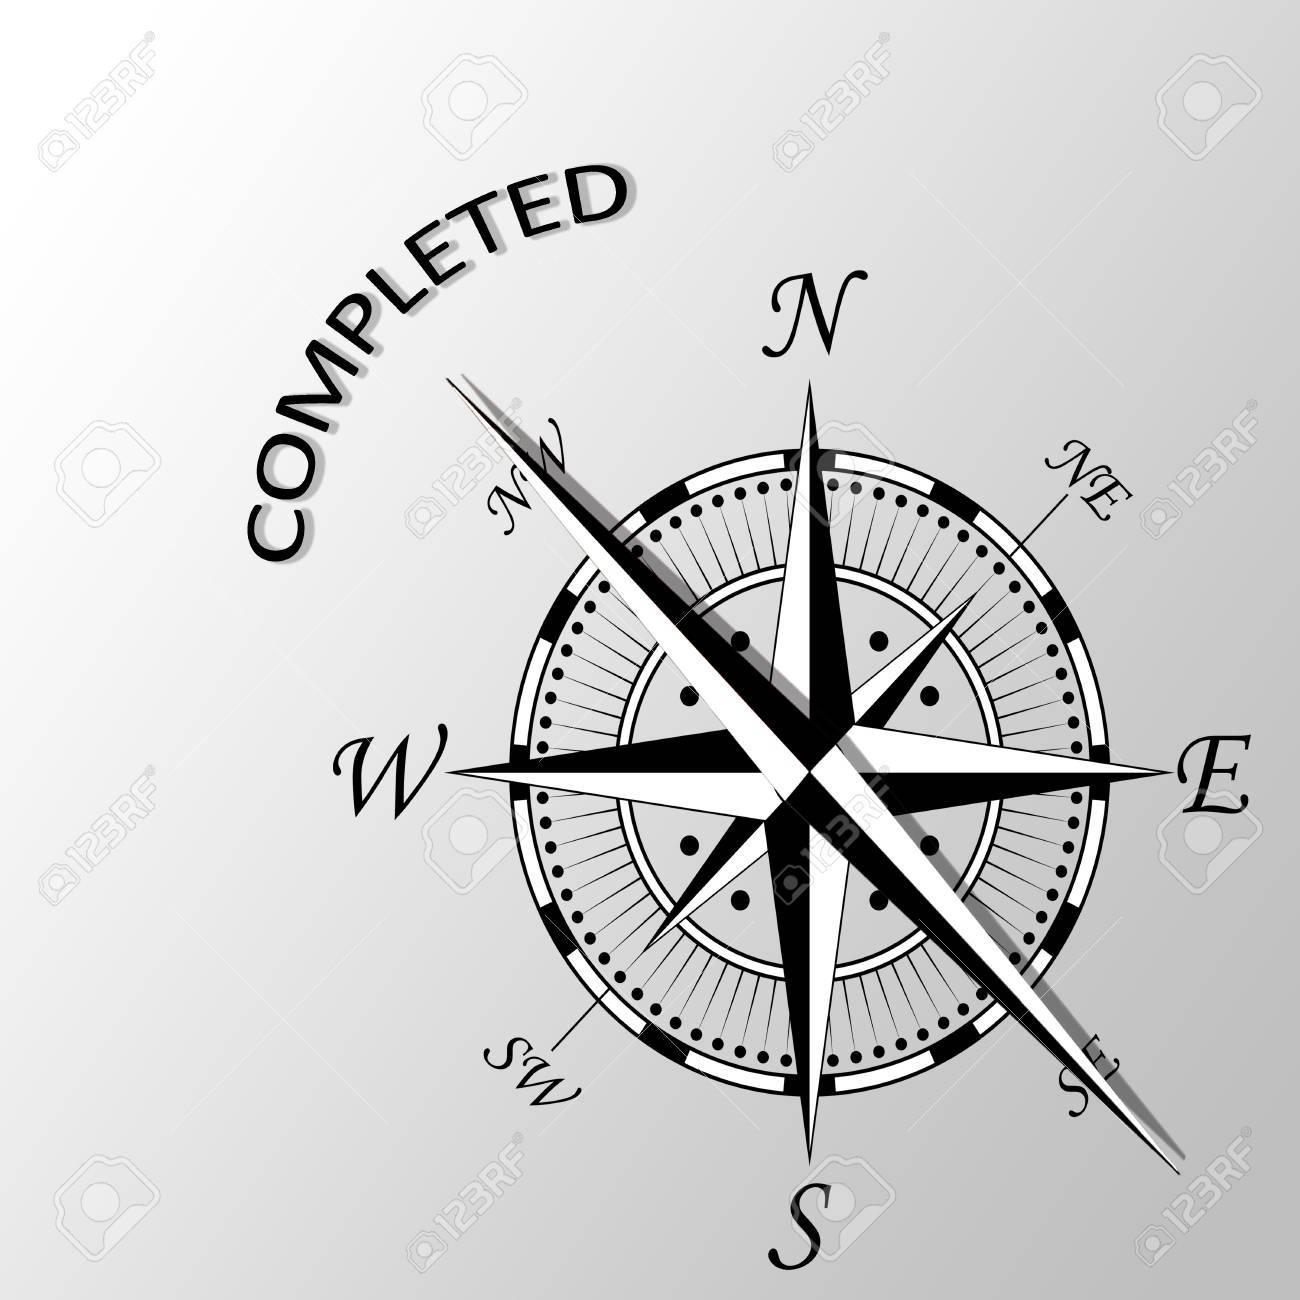 完成した文章で脇コンパスのイラスト の写真素材画像素材 Image 66548033